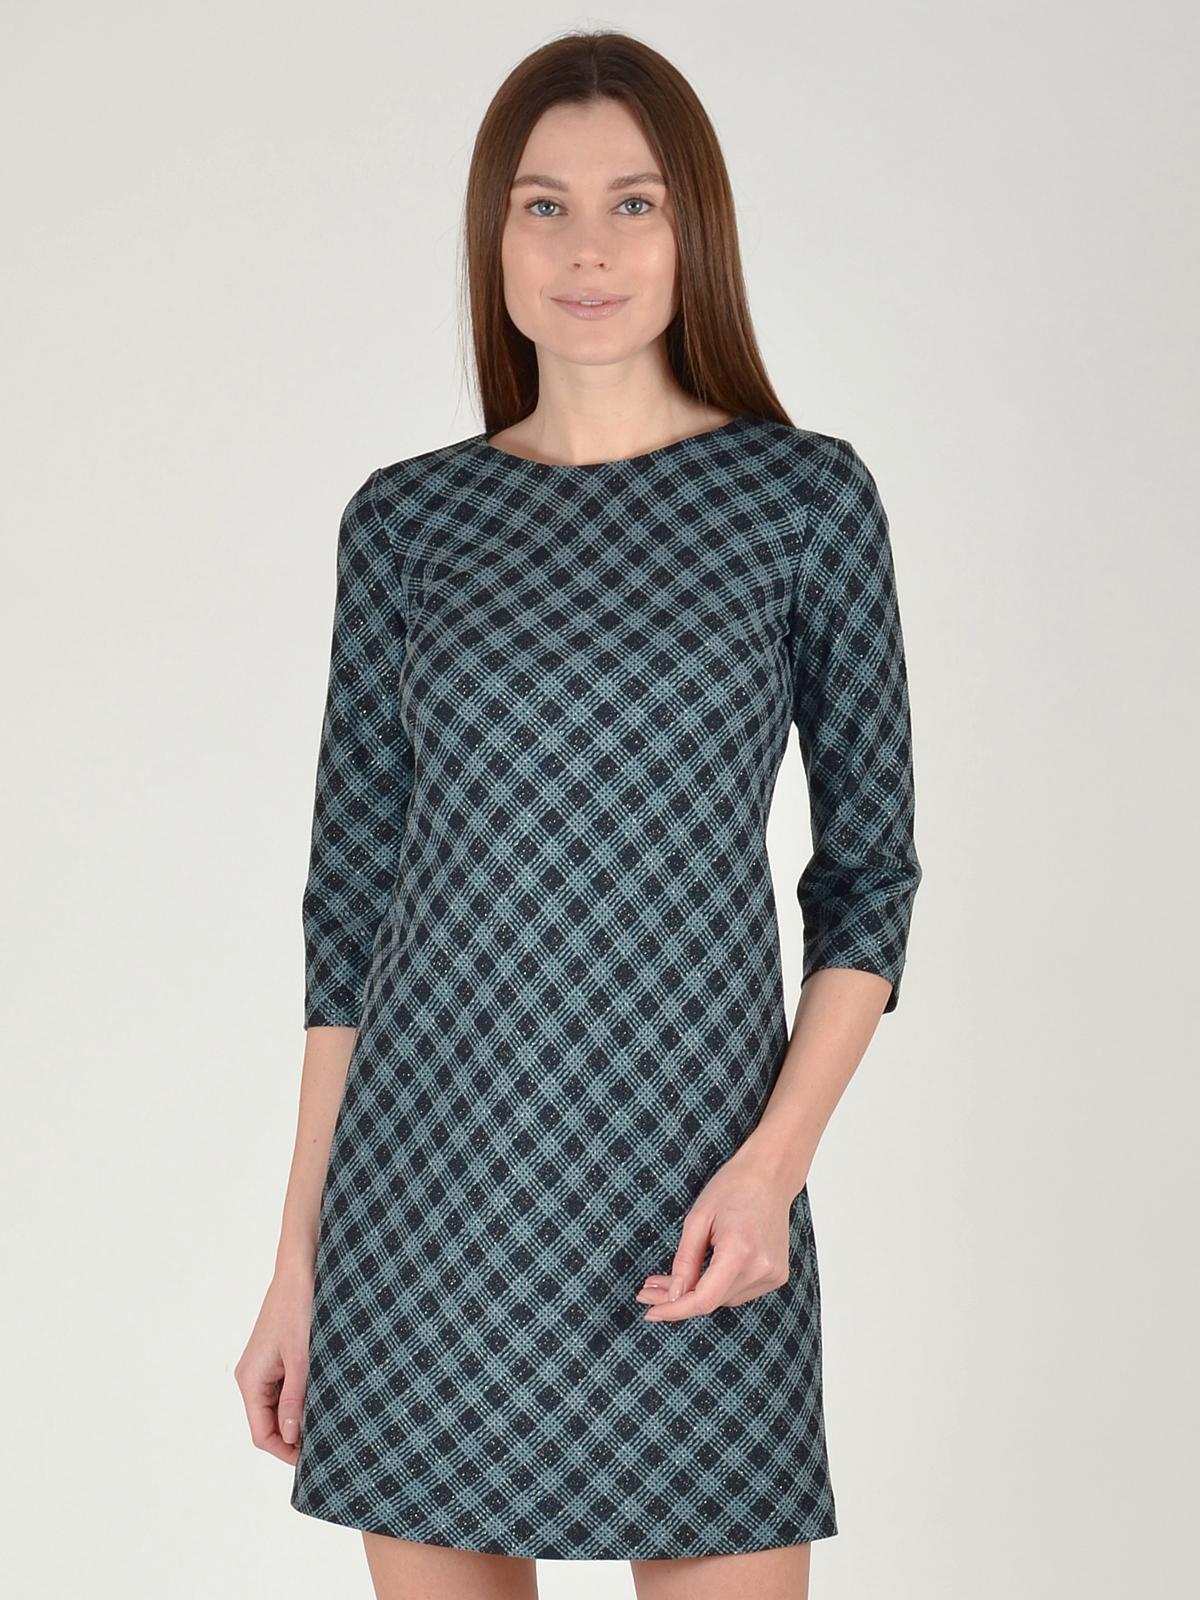 Платье женское из текстиля